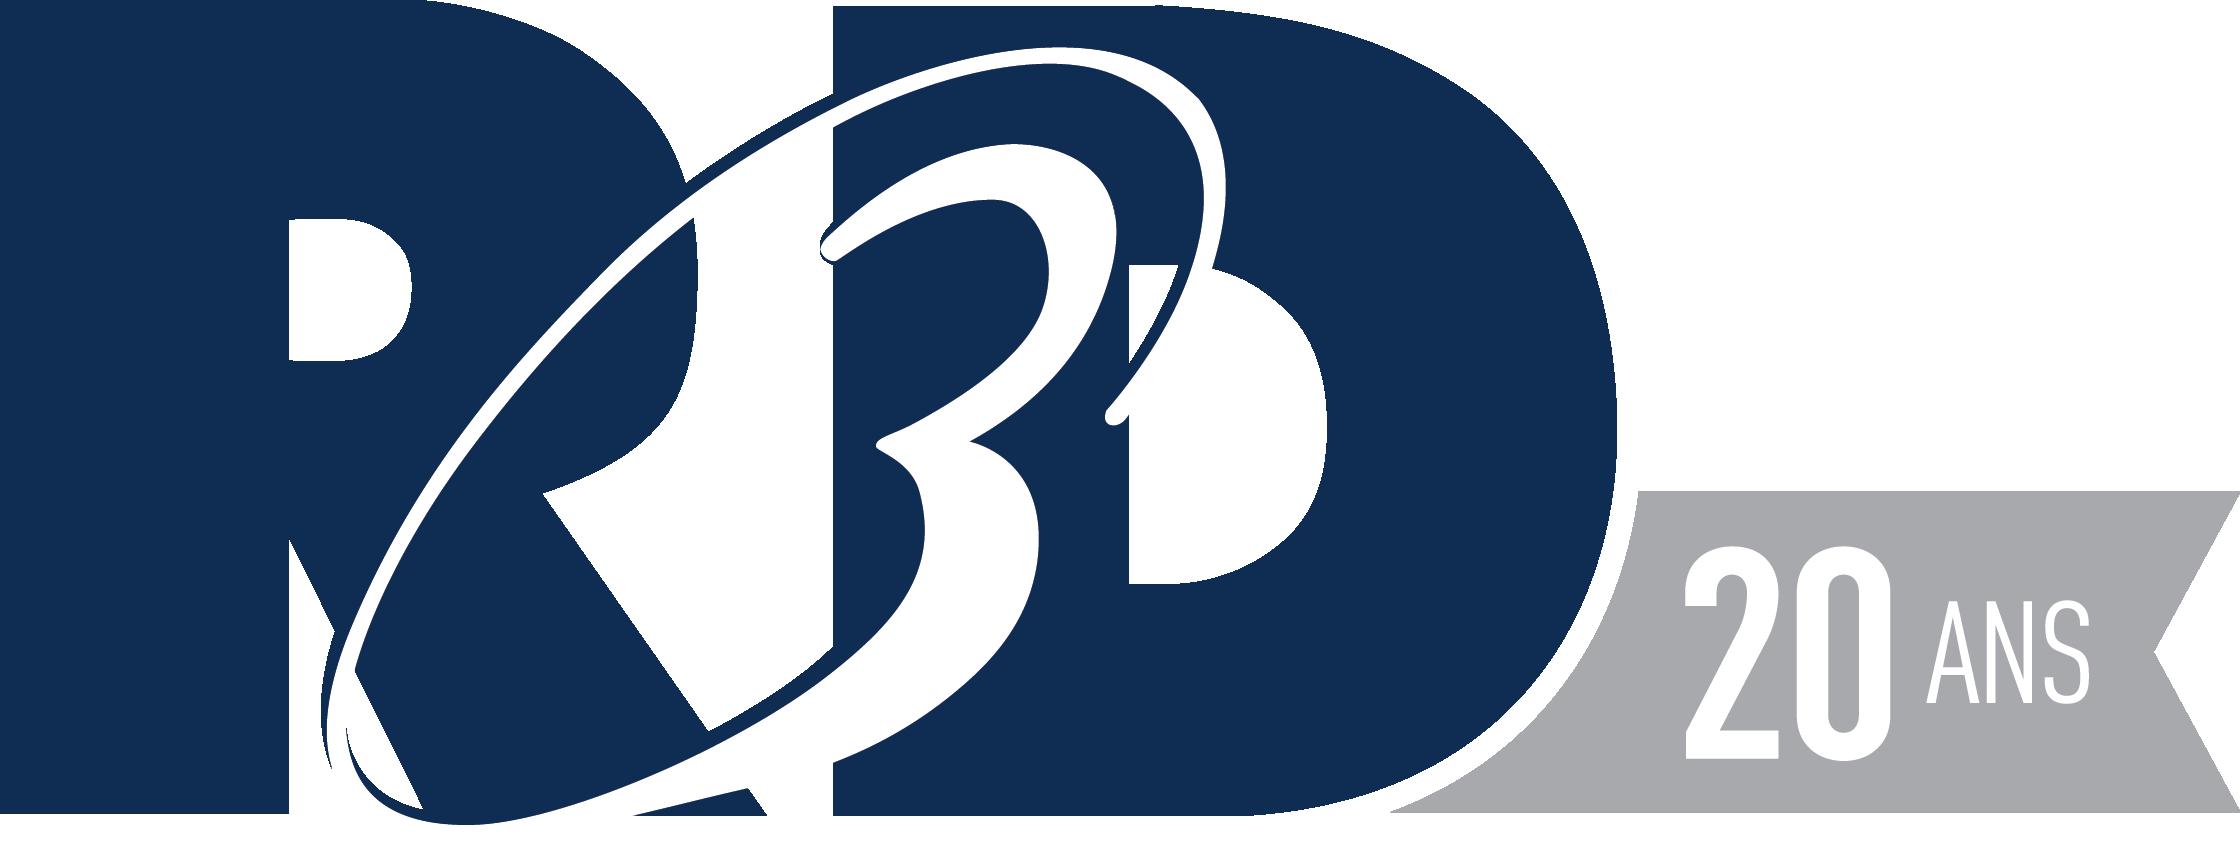 R3D-logo20ans